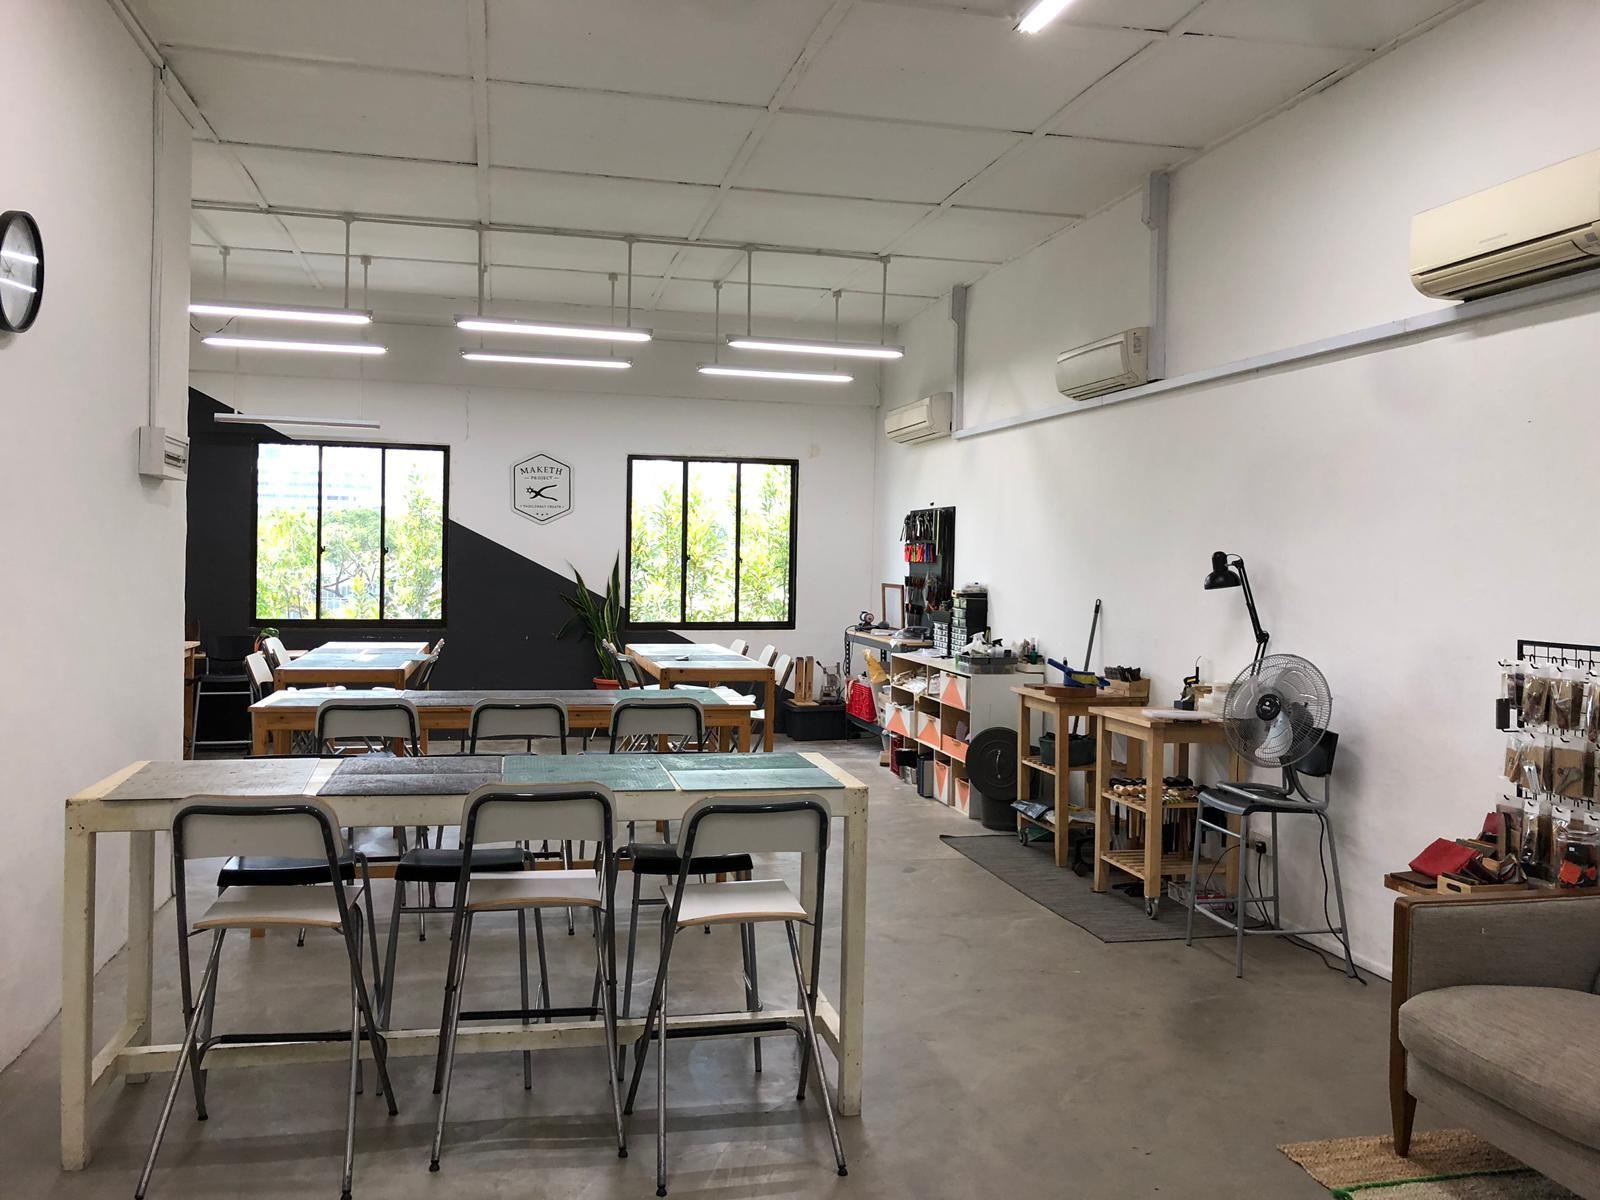 Parking Lot Maker Space Rental Event Venue Spaces Rent Studio Studio Space